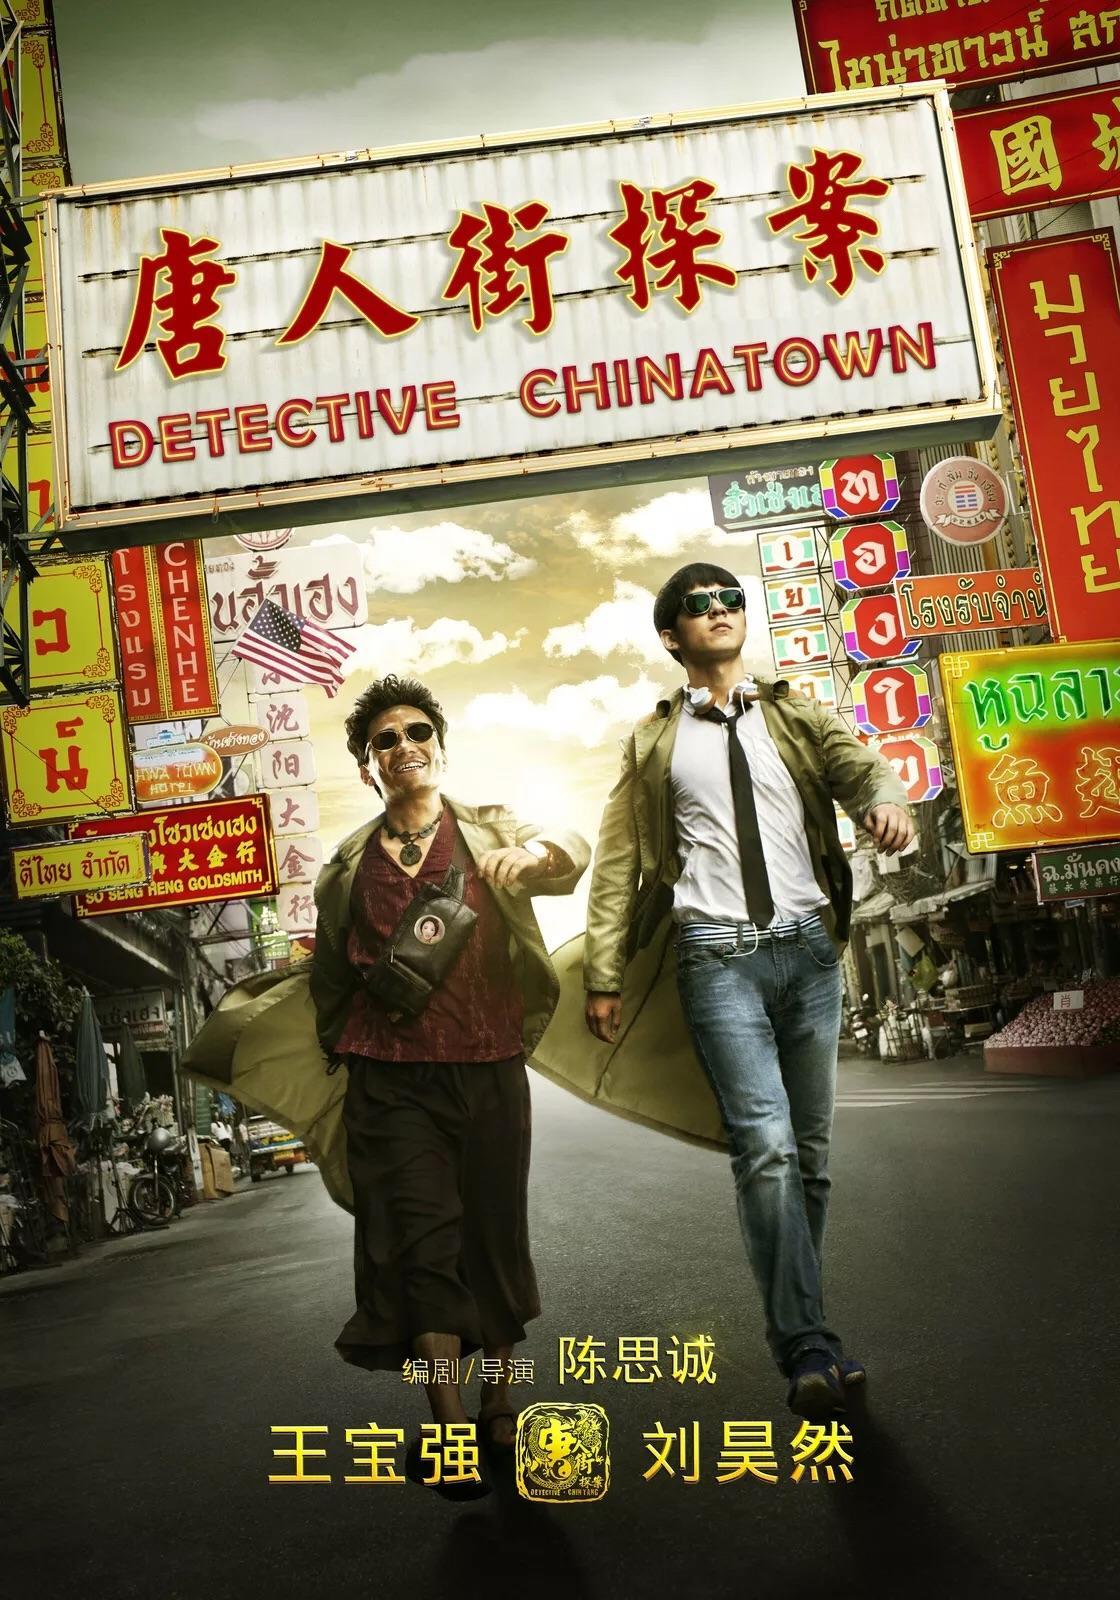 求几部经典的喜剧片_中国近几年有哪些好看的悬疑片? - 知乎